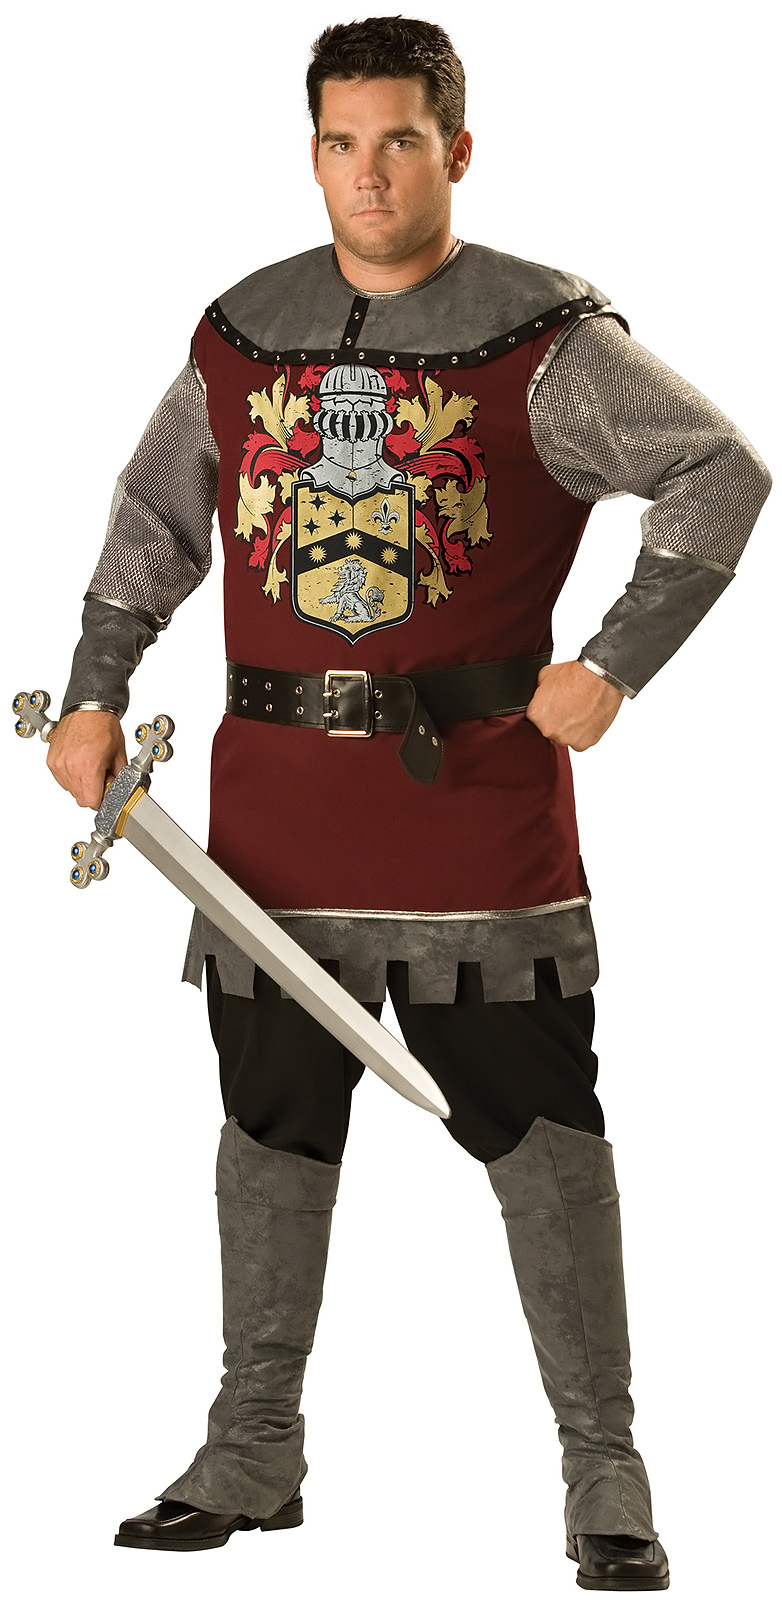 Как сшить костюм рыцаря для мальчика своими руками? 19